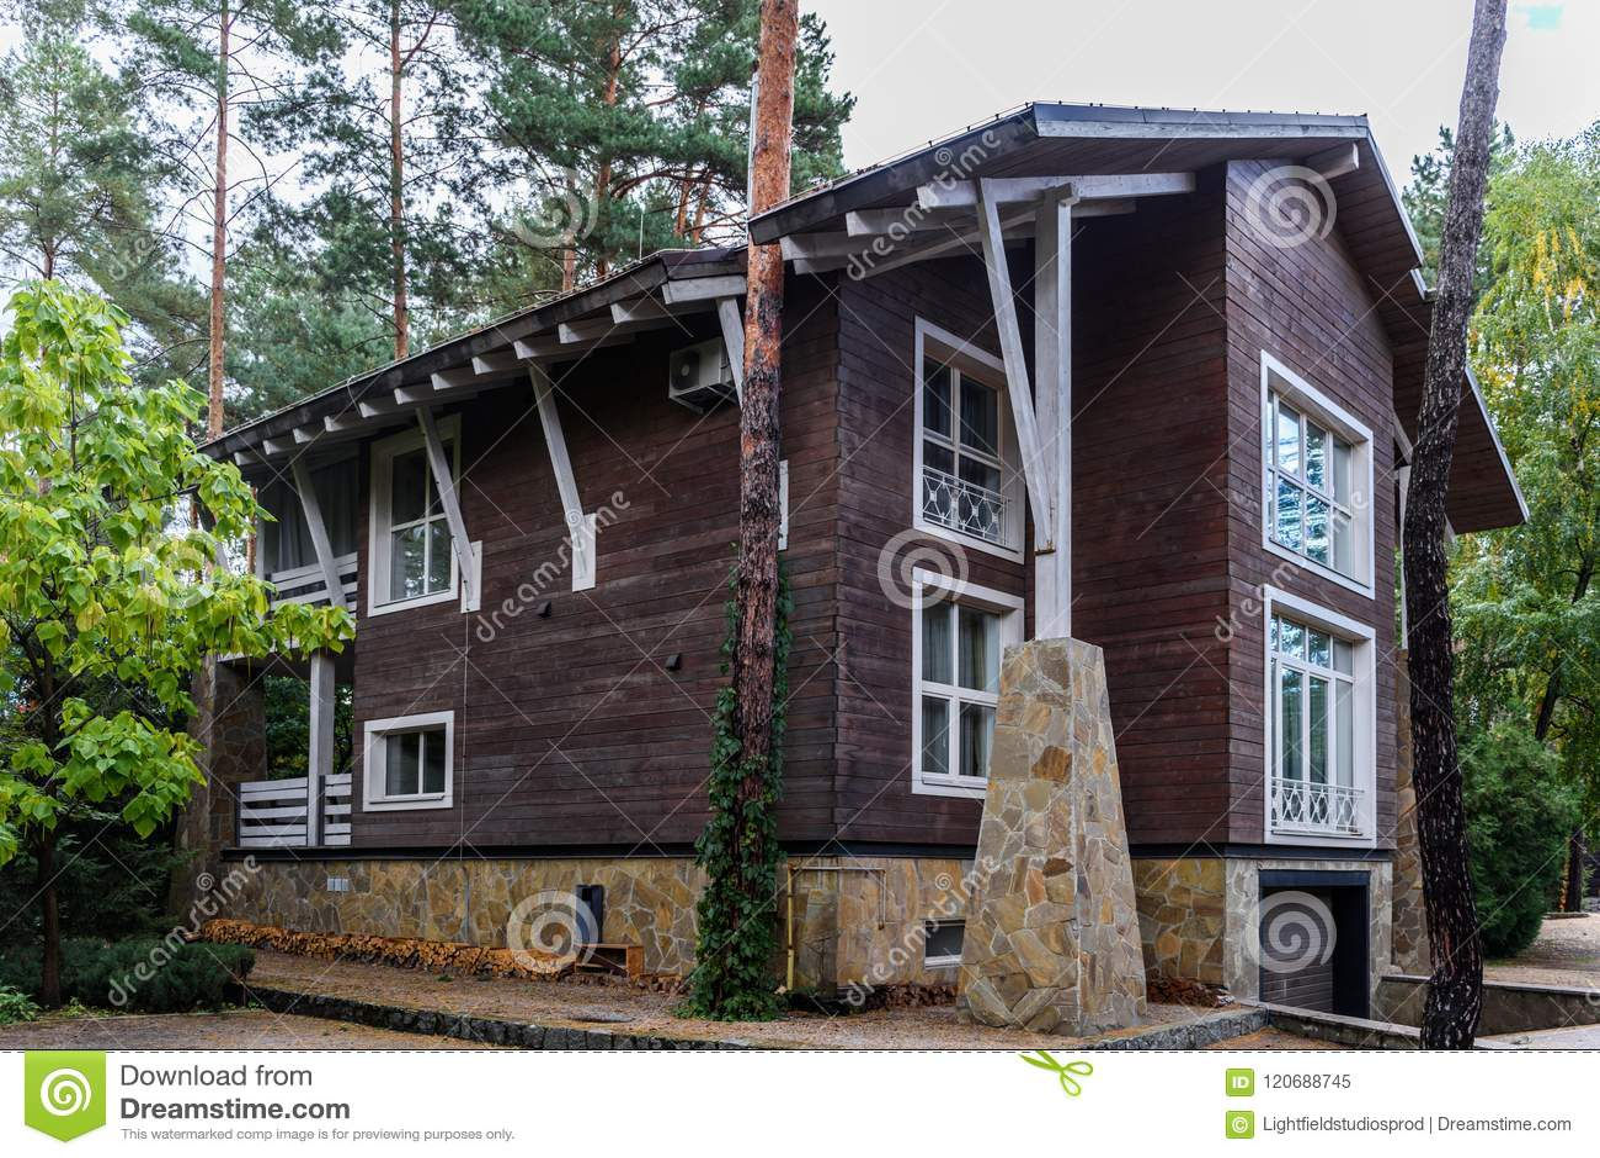 Architecture De Maison De Campagne Moderne Image stock ...